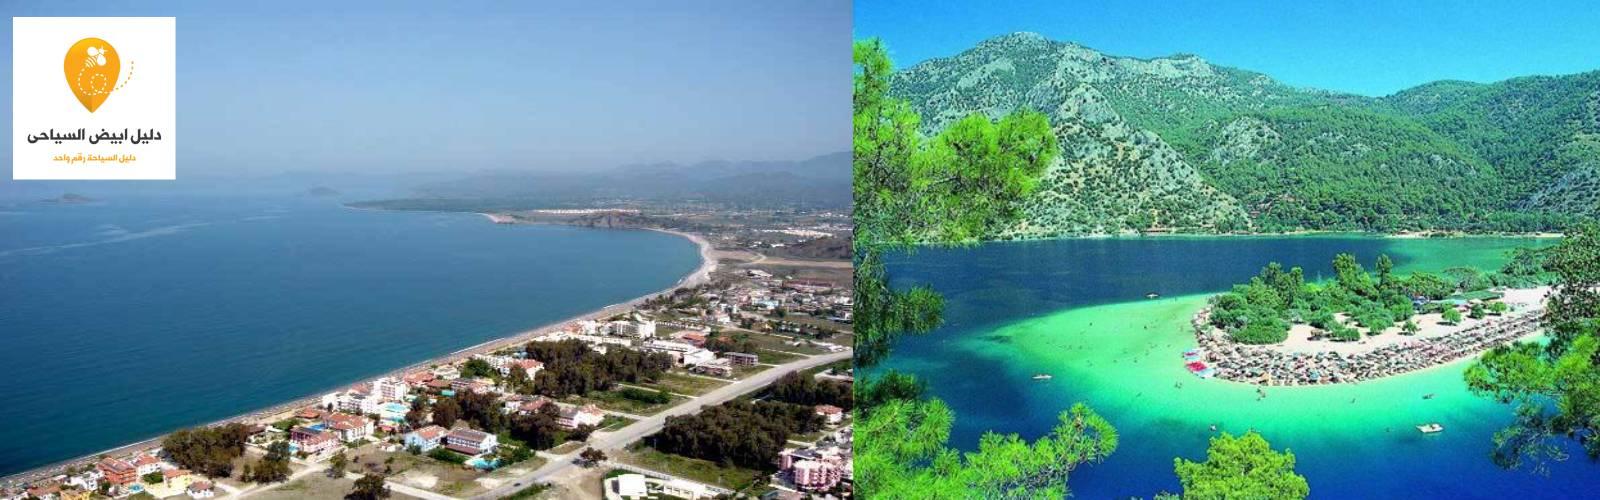 افضل 5 شواطئ فتحية تركيا بالتفصيل